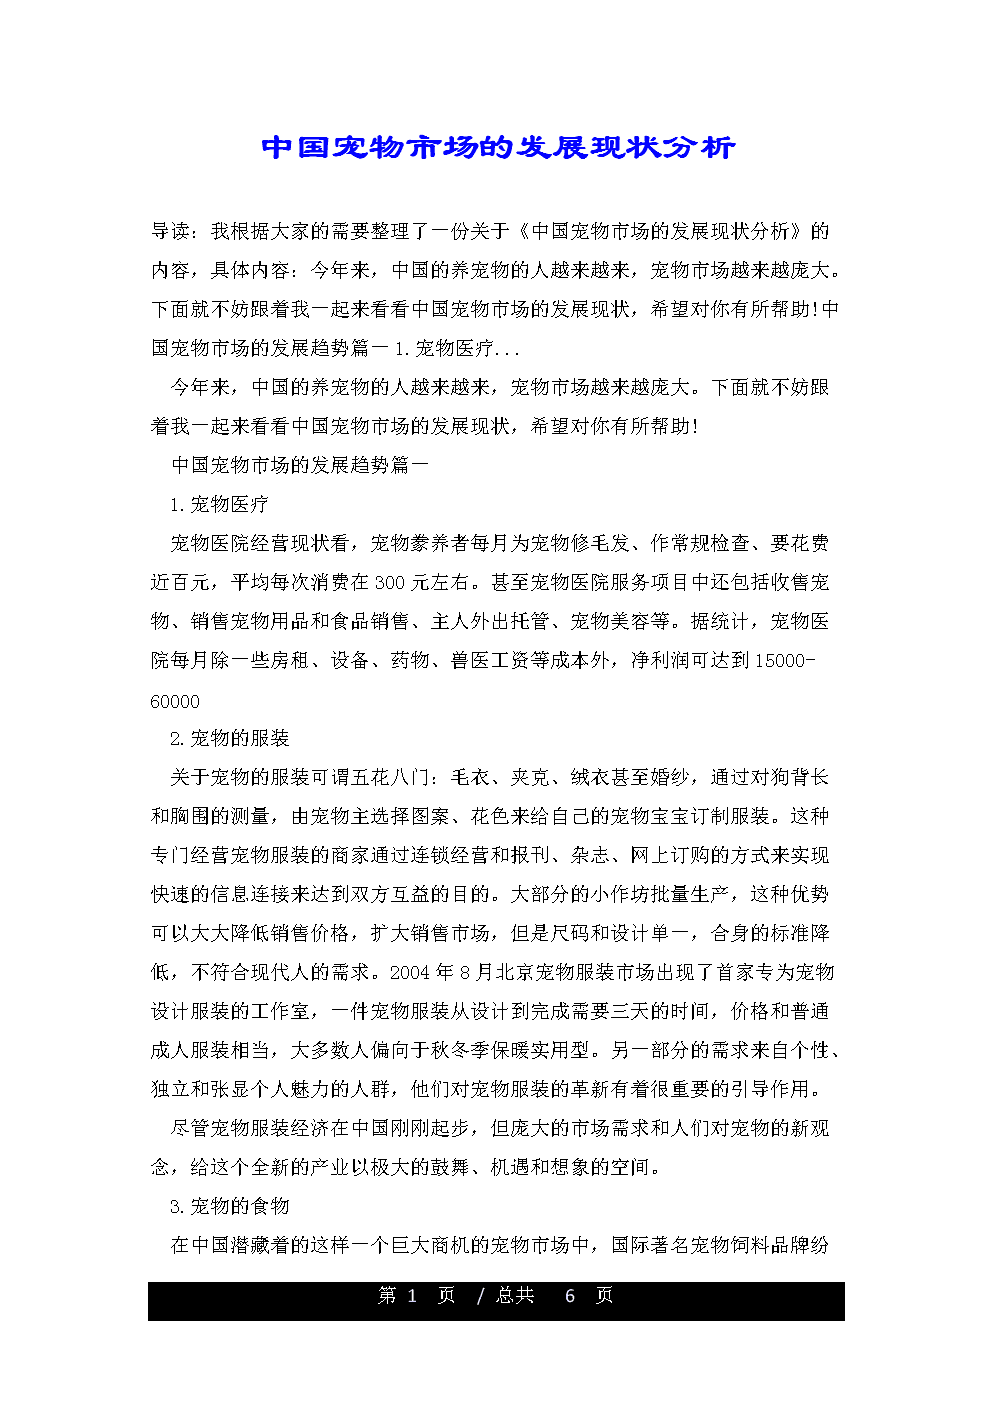 中国宠物市场的发展现状分析.doc